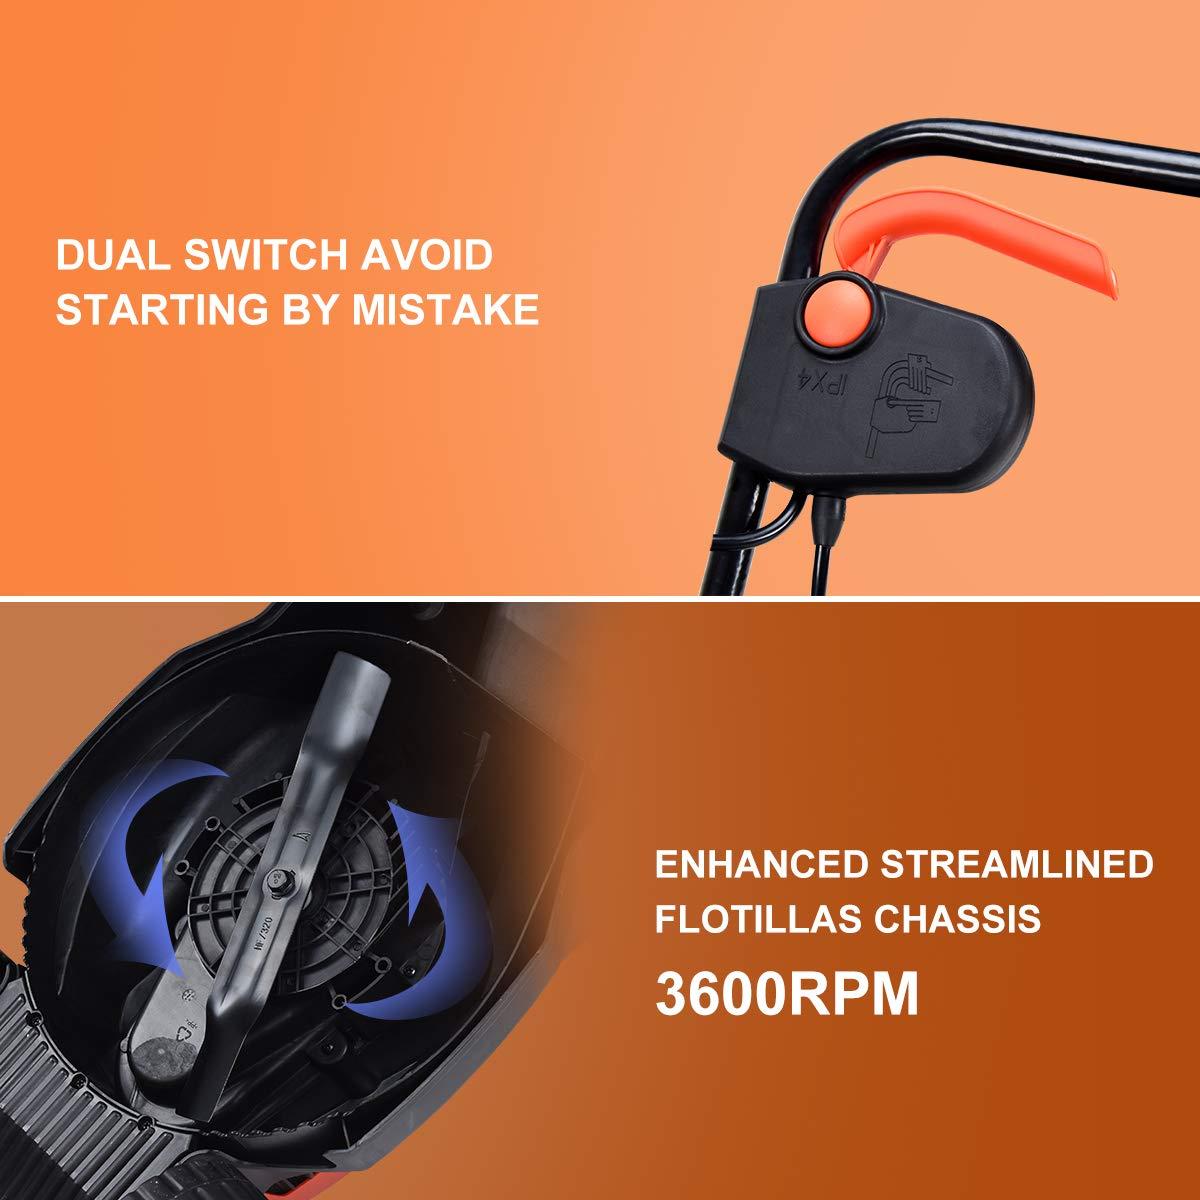 Amazon.com: Goplus - Cortacésped eléctrico de 14 pulgadas y ...